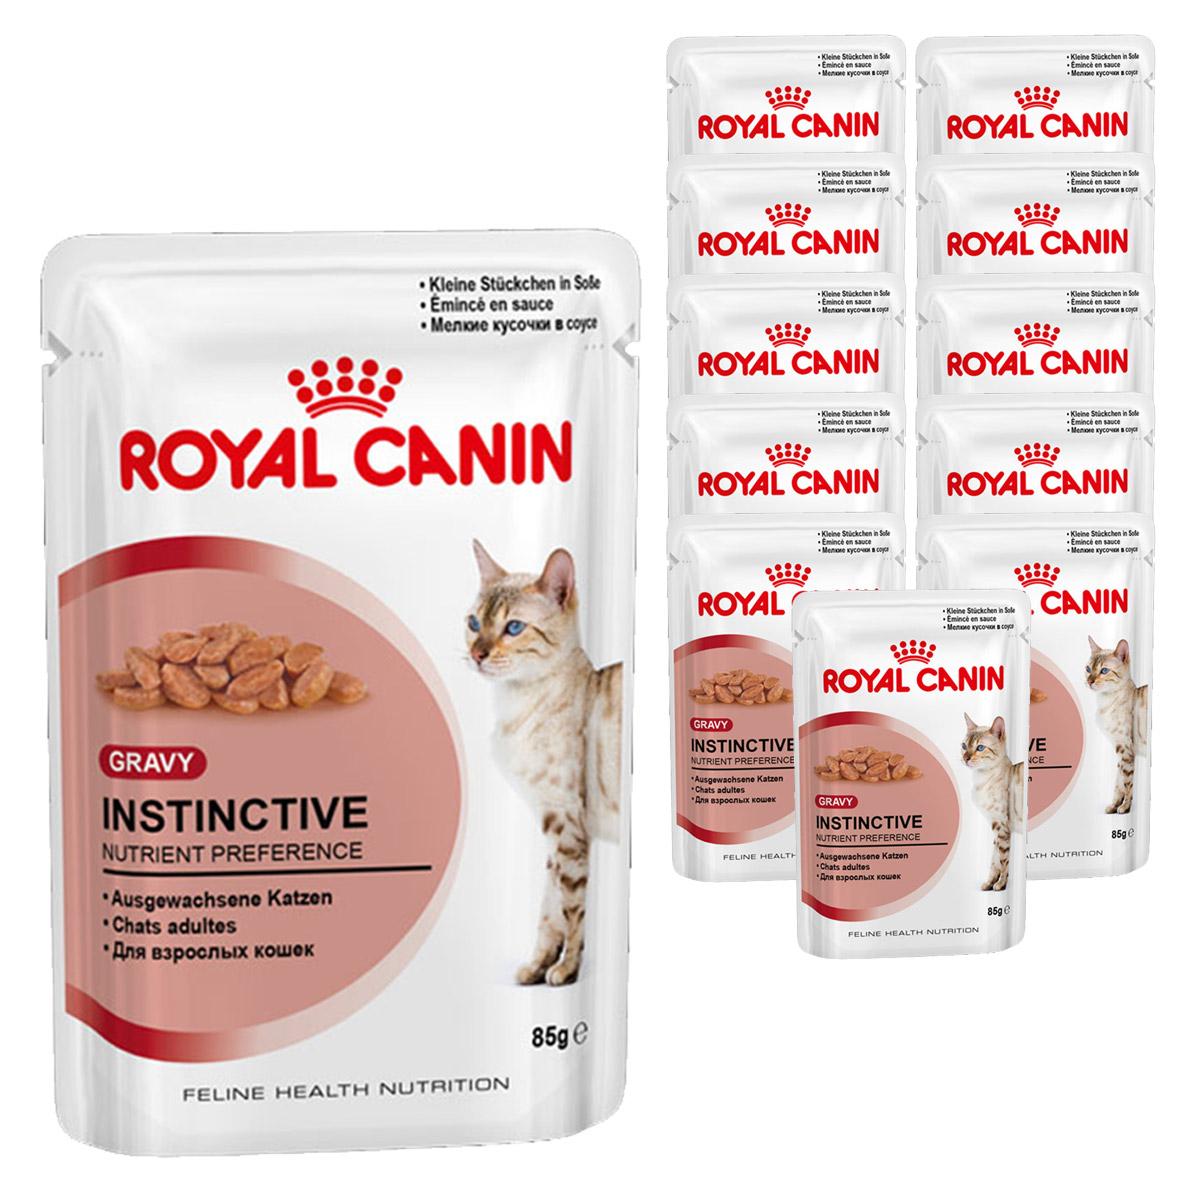 royal canin katzenfutter instinctive in so e 12 x 85g. Black Bedroom Furniture Sets. Home Design Ideas